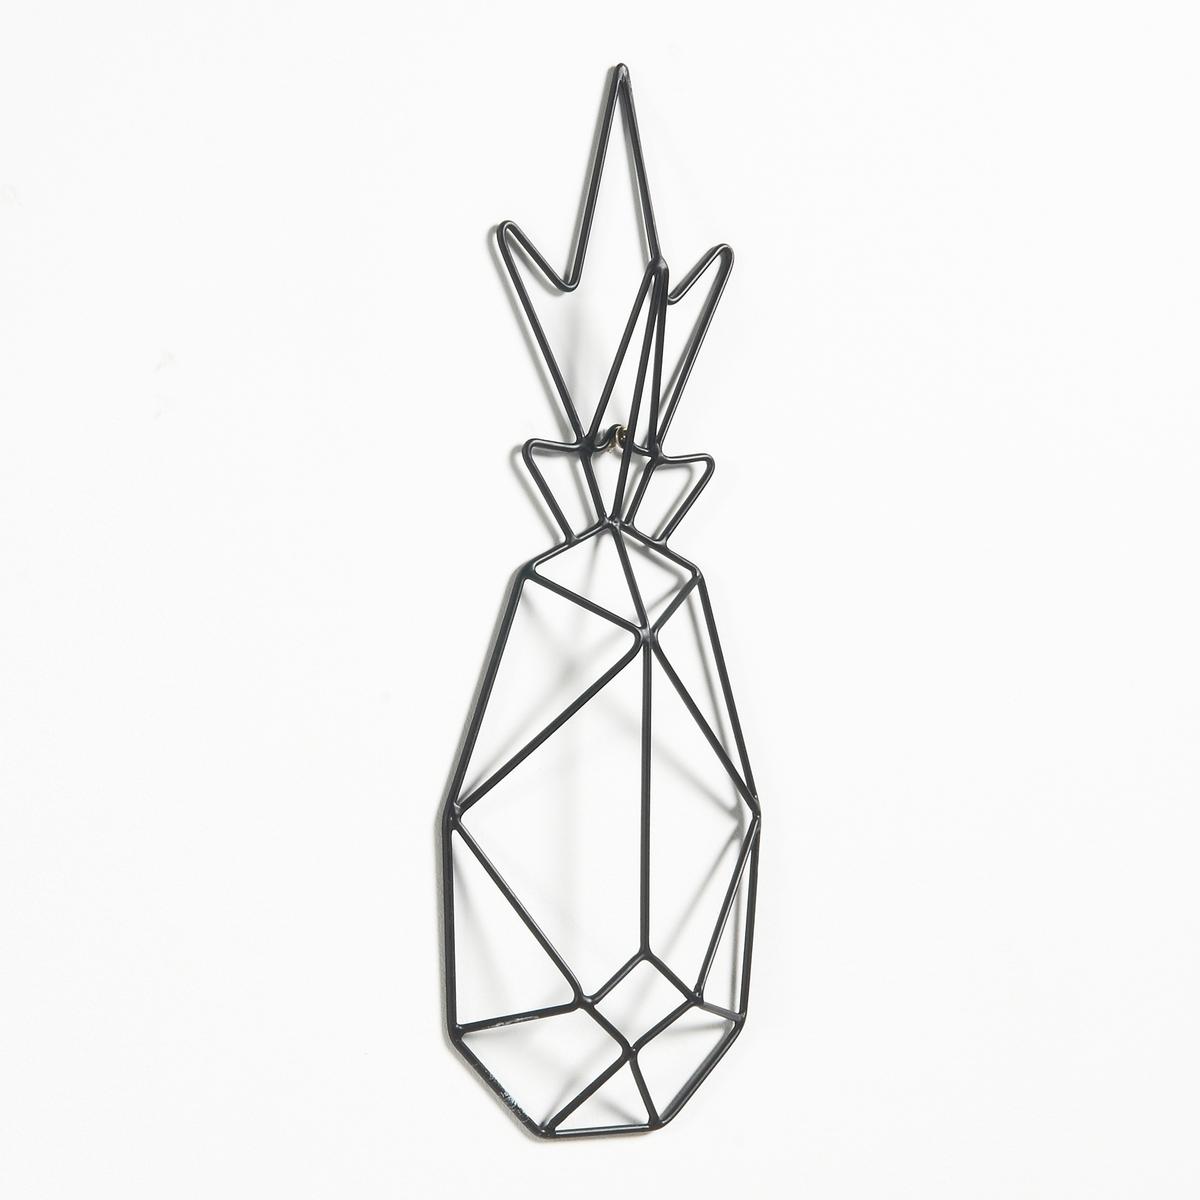 Декоративная фигура на стену ананас из металлической проволокиХарактеристики декоративной фигуры в форме ананаса Xatina :Каркас из проволоки покрыт эпоксидной краской.Другие предметы декора на сайте laredoute.ru.Размеры декоративной фигуры в форме ананаса Xatina :Ш 13 x В 34 x Г 2,5 см<br><br>Цвет: латунь,черный<br>Размер: единый размер